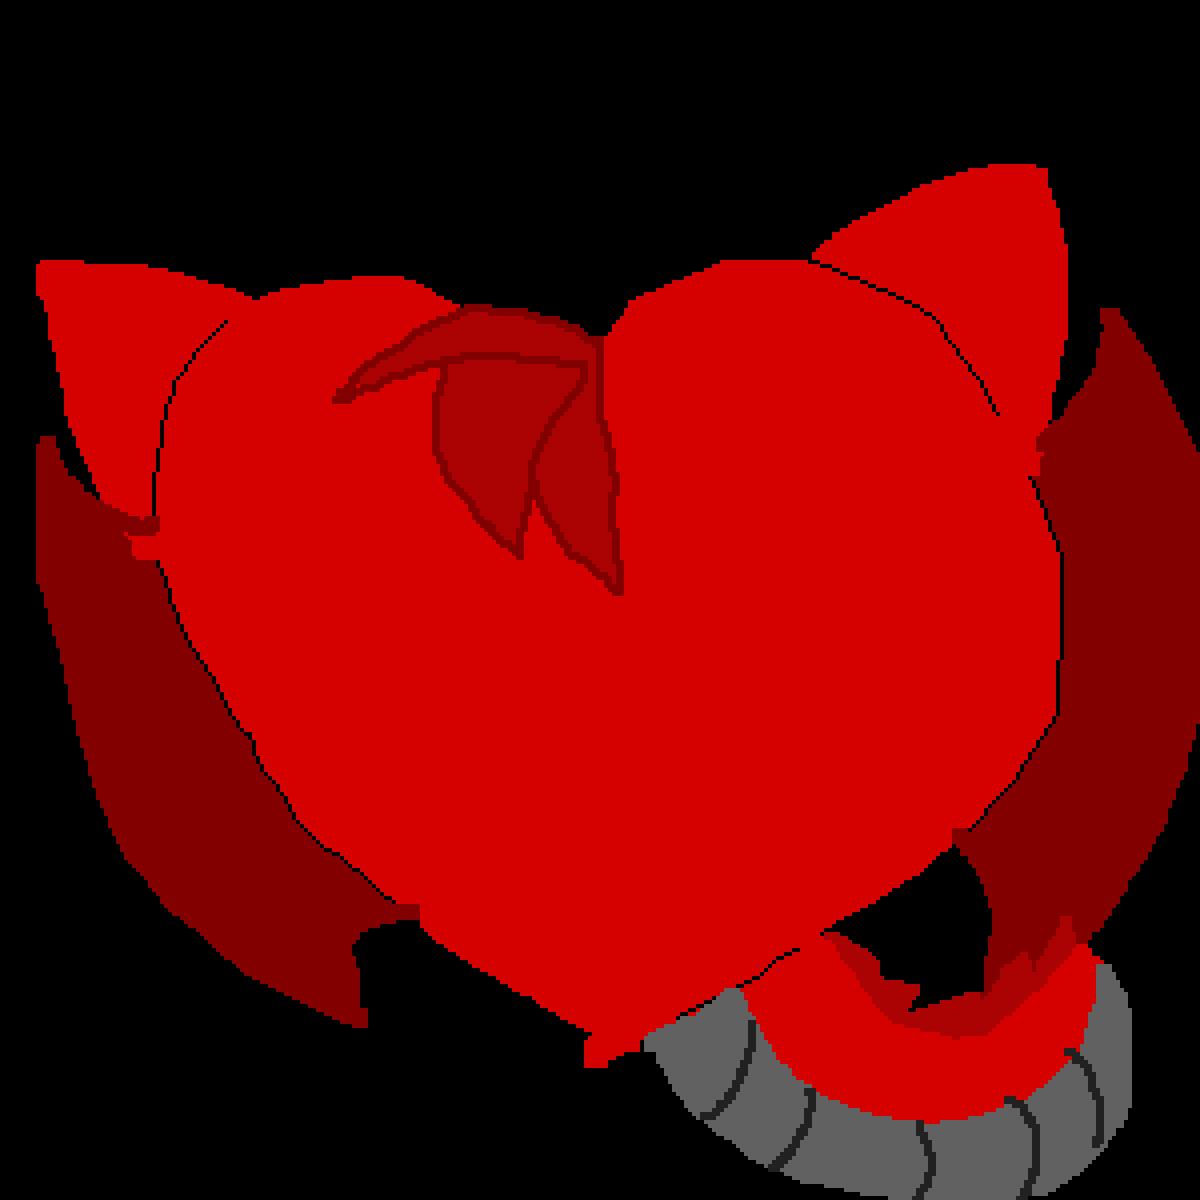 Heart by KawaiiKitty57